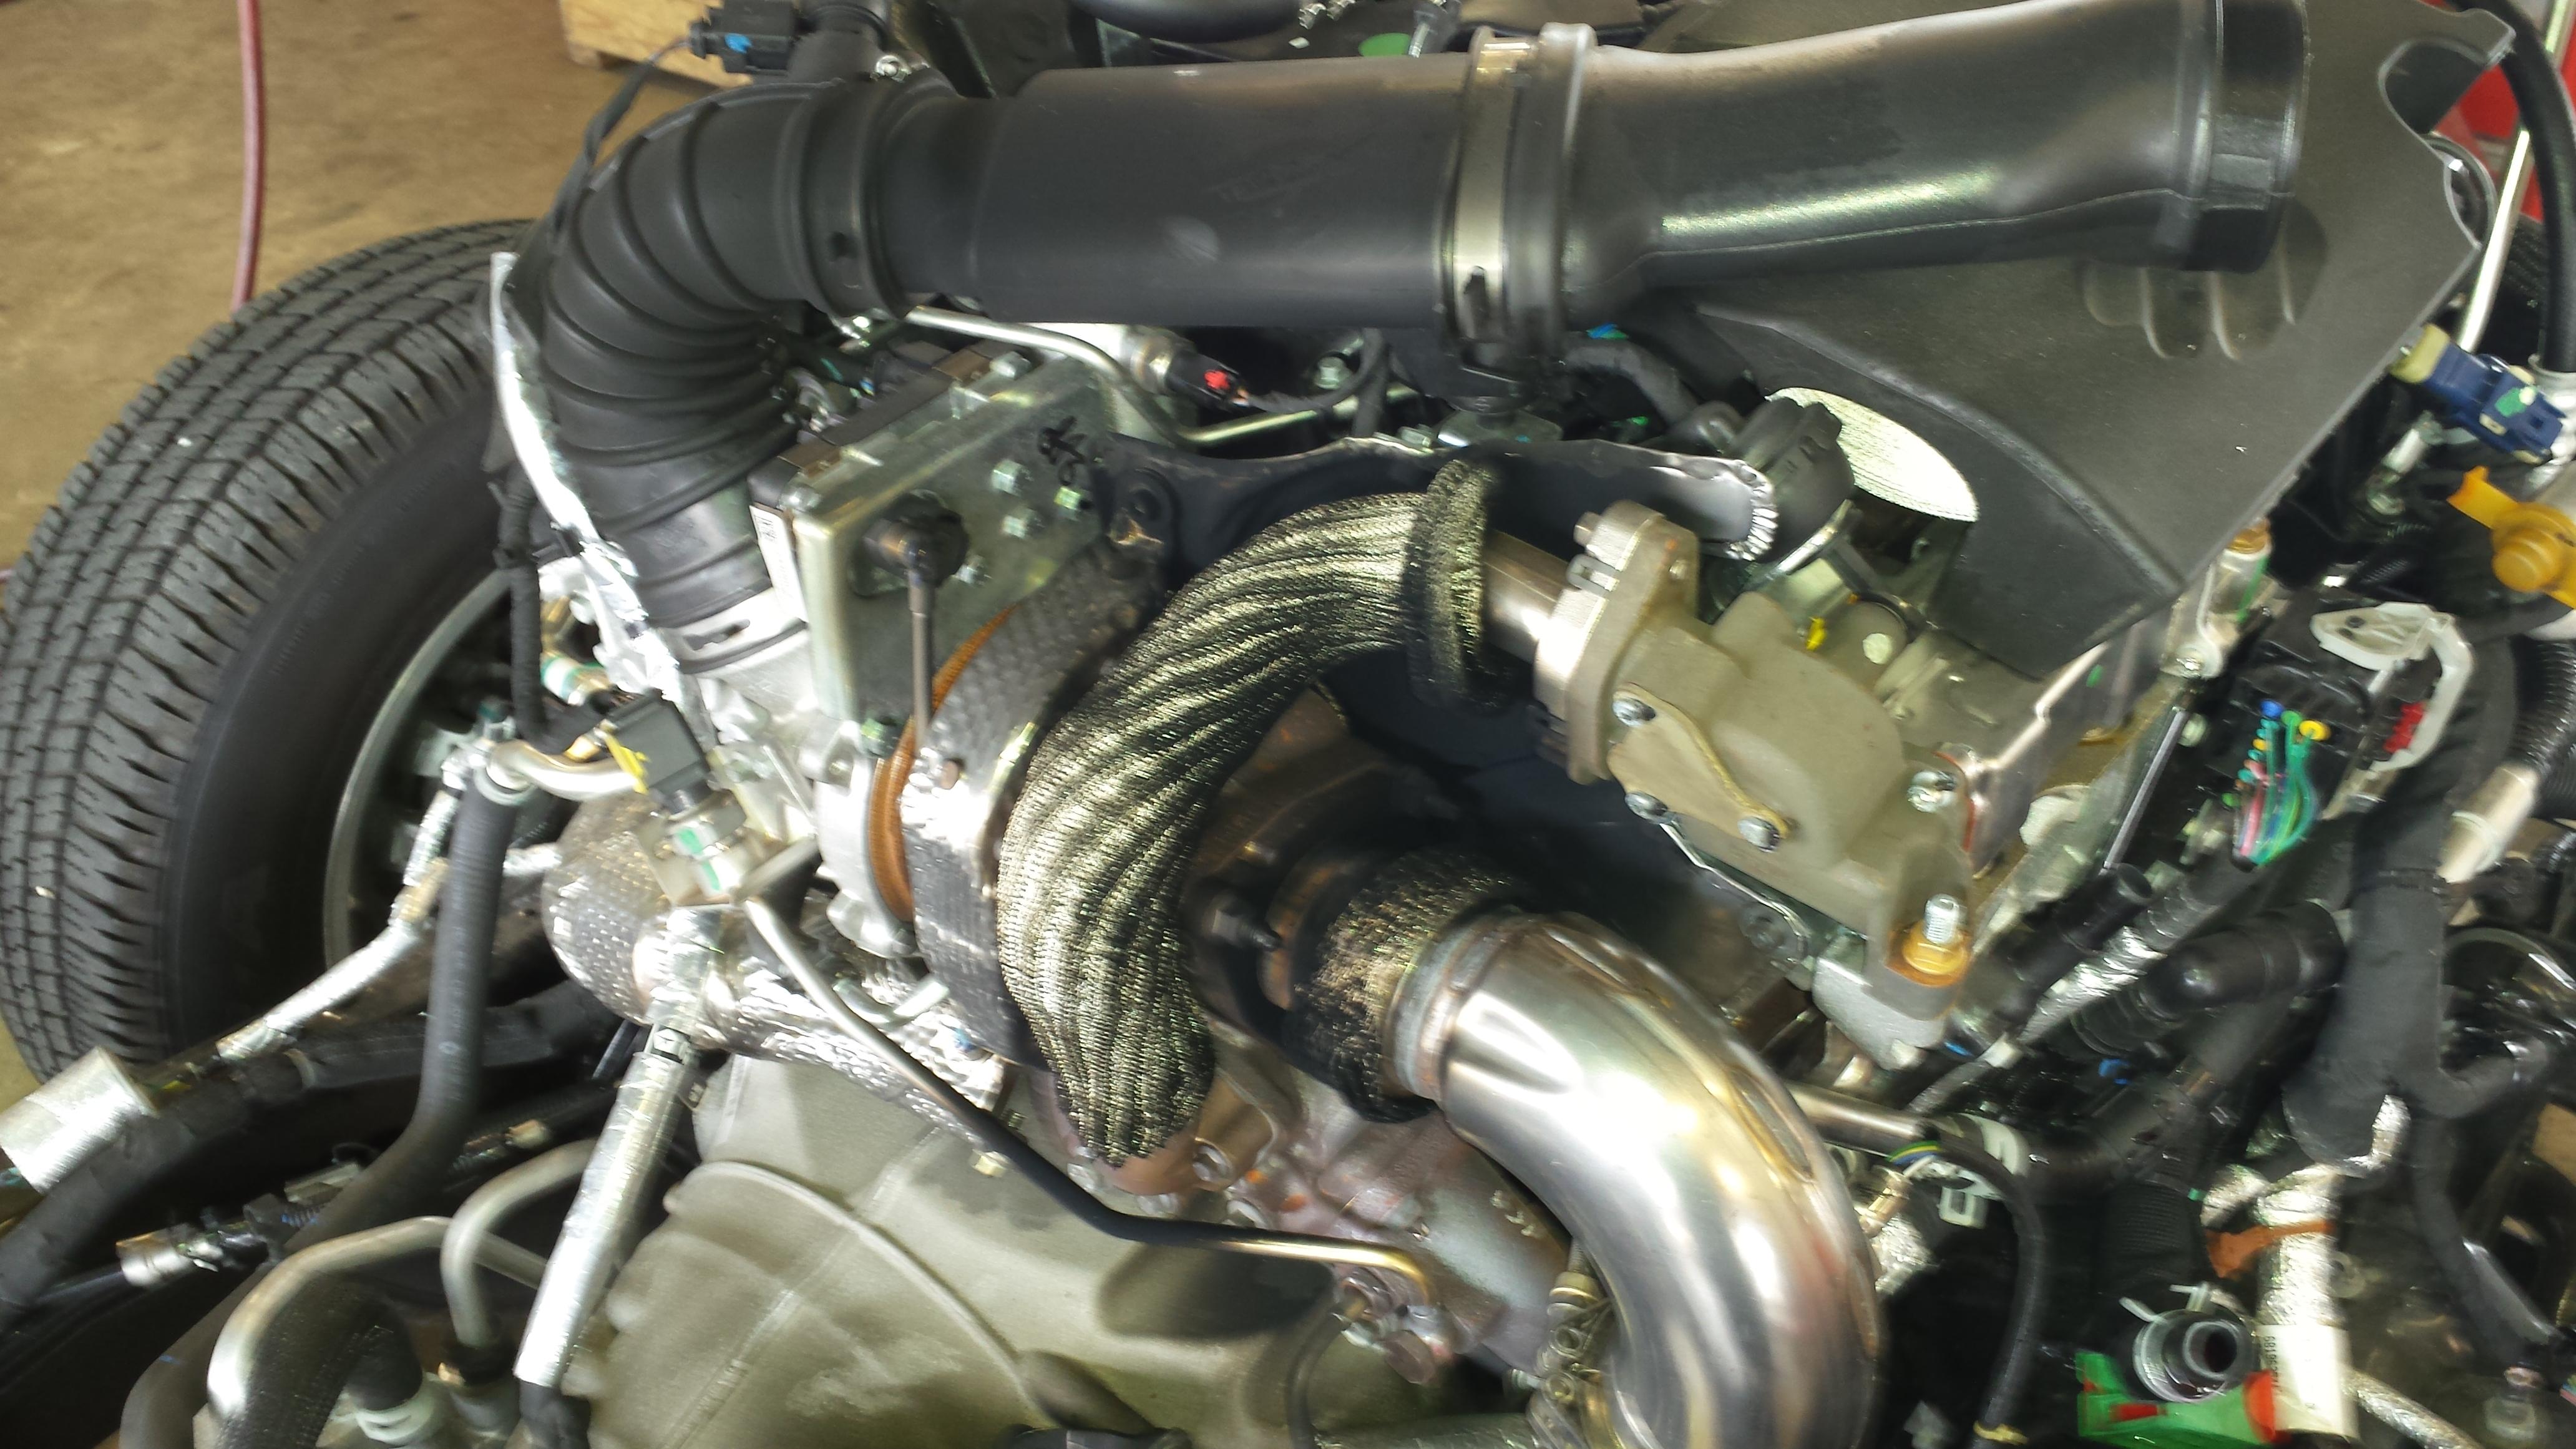 Ram Ecodiesel Exhaust Upgrade - Car Design Today